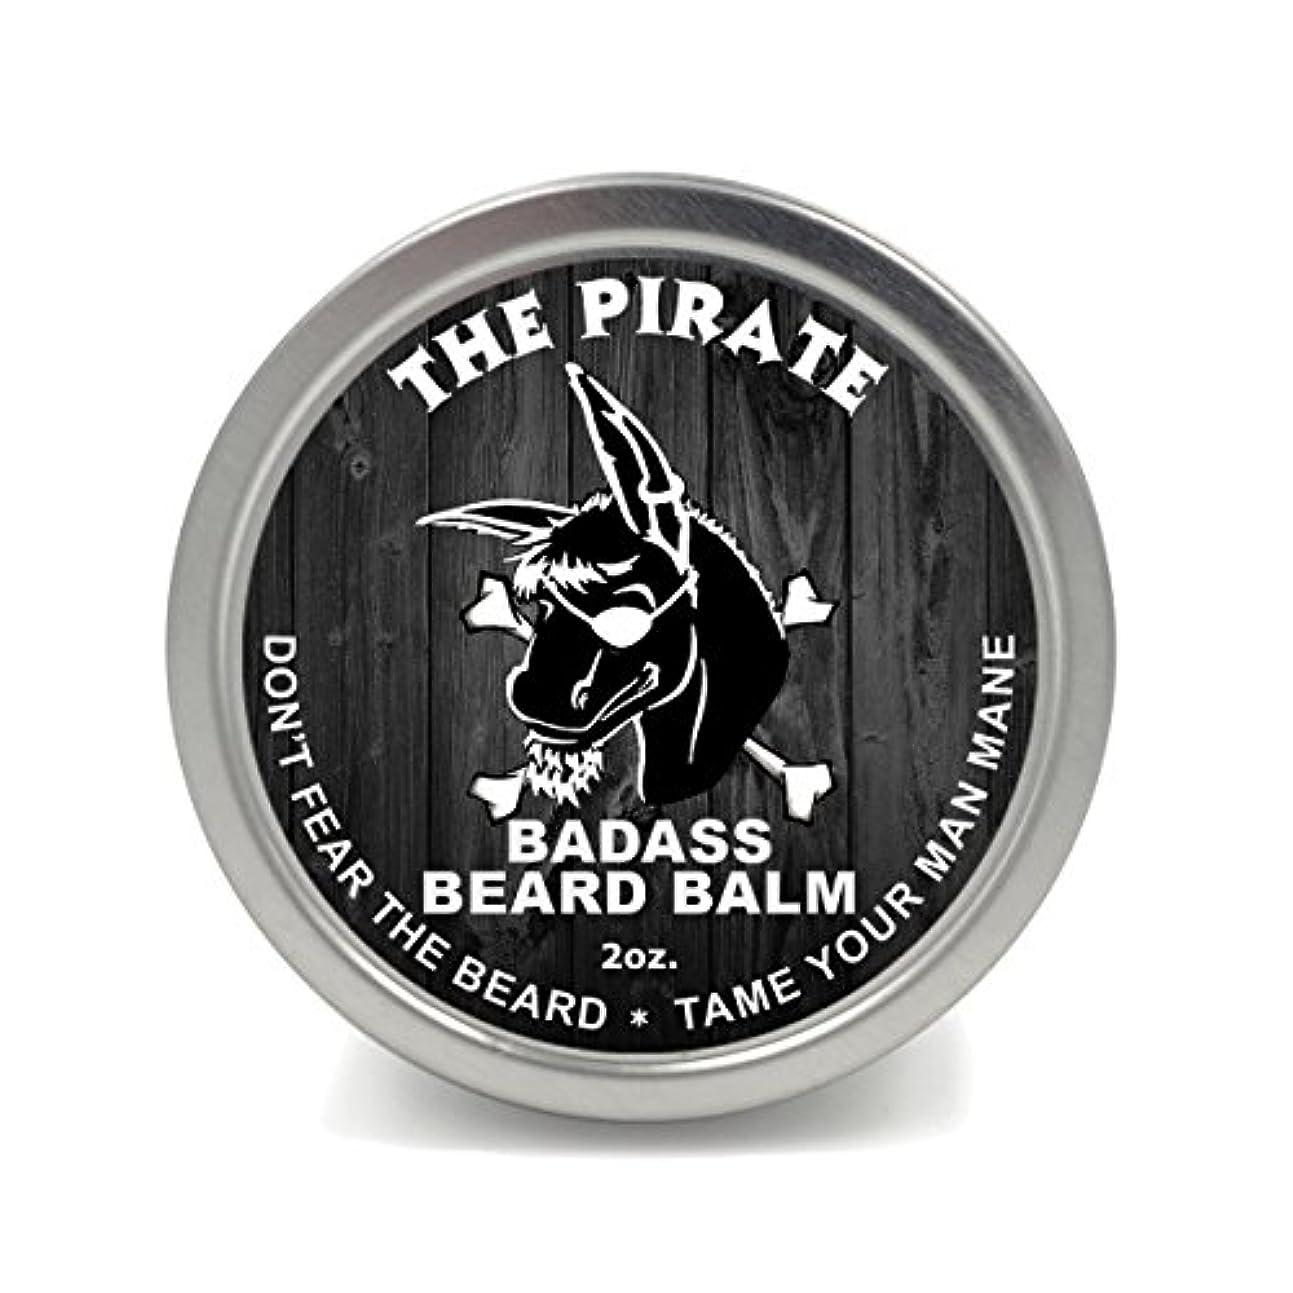 ヒゲクジラベジタリアン罪Badass Beard Careビアードバーム2オンスThe Pirate